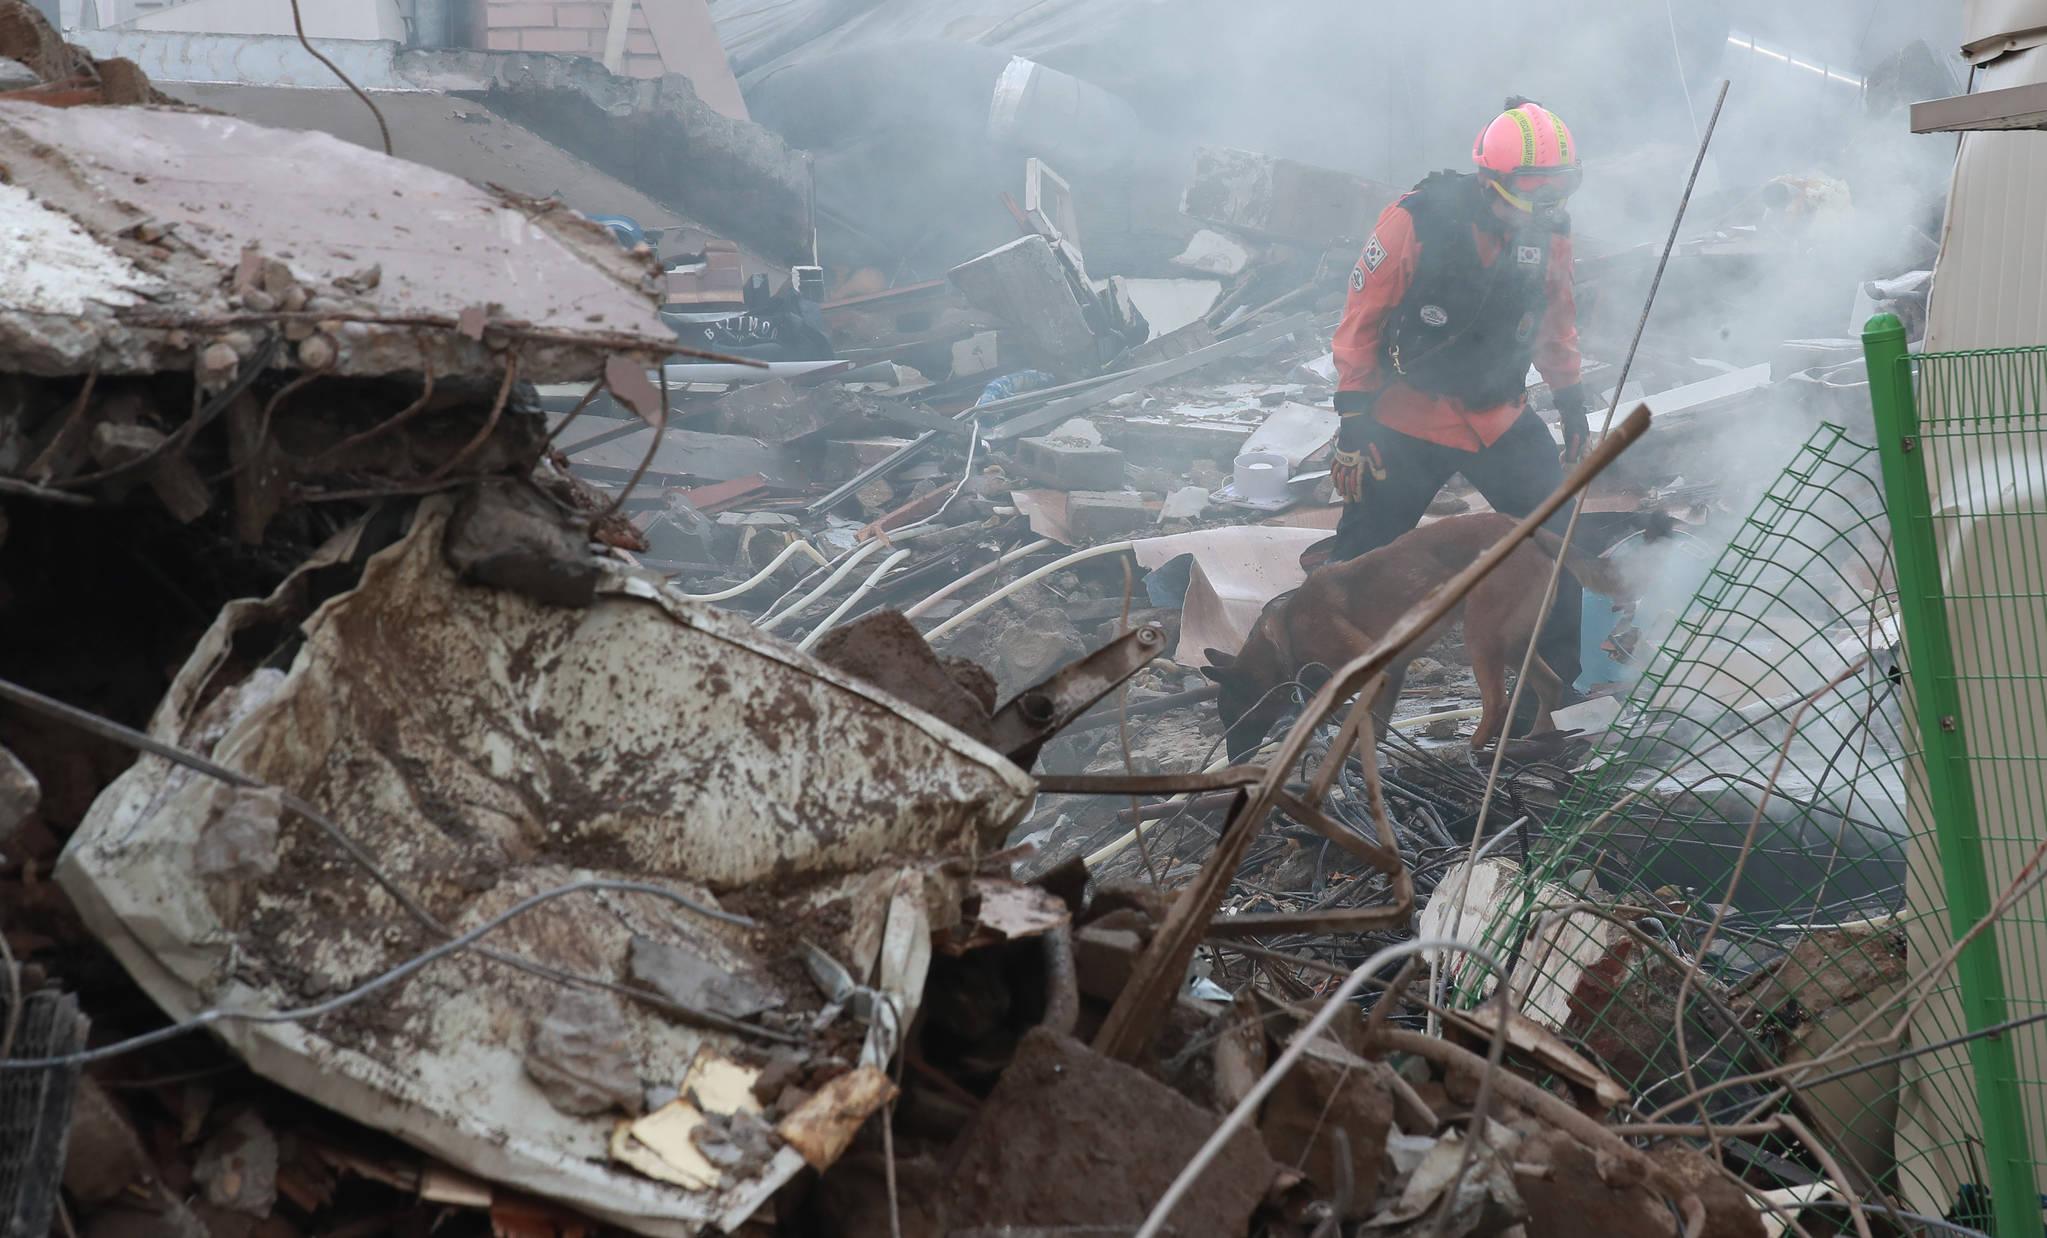 3일 낮 12시 35분께 서울 용산구 한강로 2가 4층짜리 상가 건물이 무너졌다. 건물 붕괴 현장에서 119구조대원들이 인명 구조견과 함께 추가 매몰자가 있는지 수색 작업을 펼치고 있다. [연합뉴스]